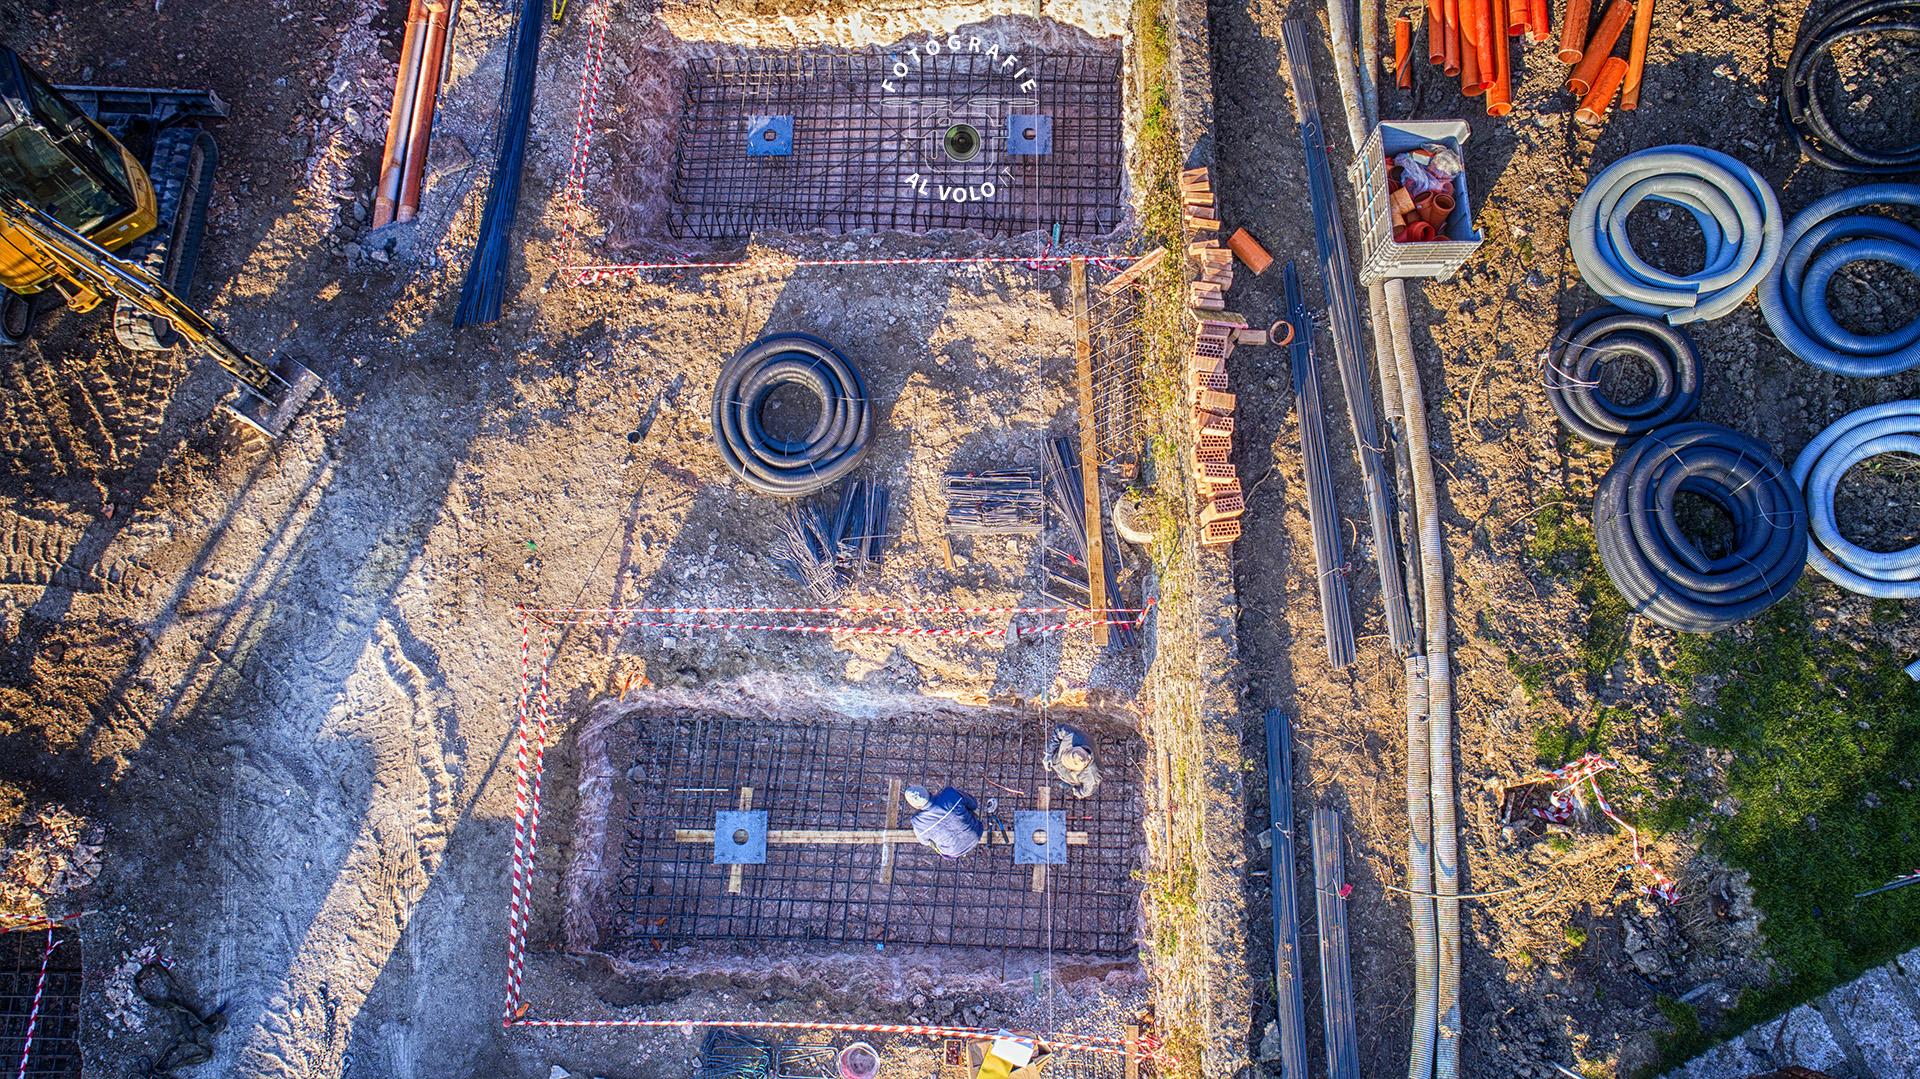 Fotografie Al Volo - Monitoraggio cantiere edile - stato d'avanzamento cantiere con drone